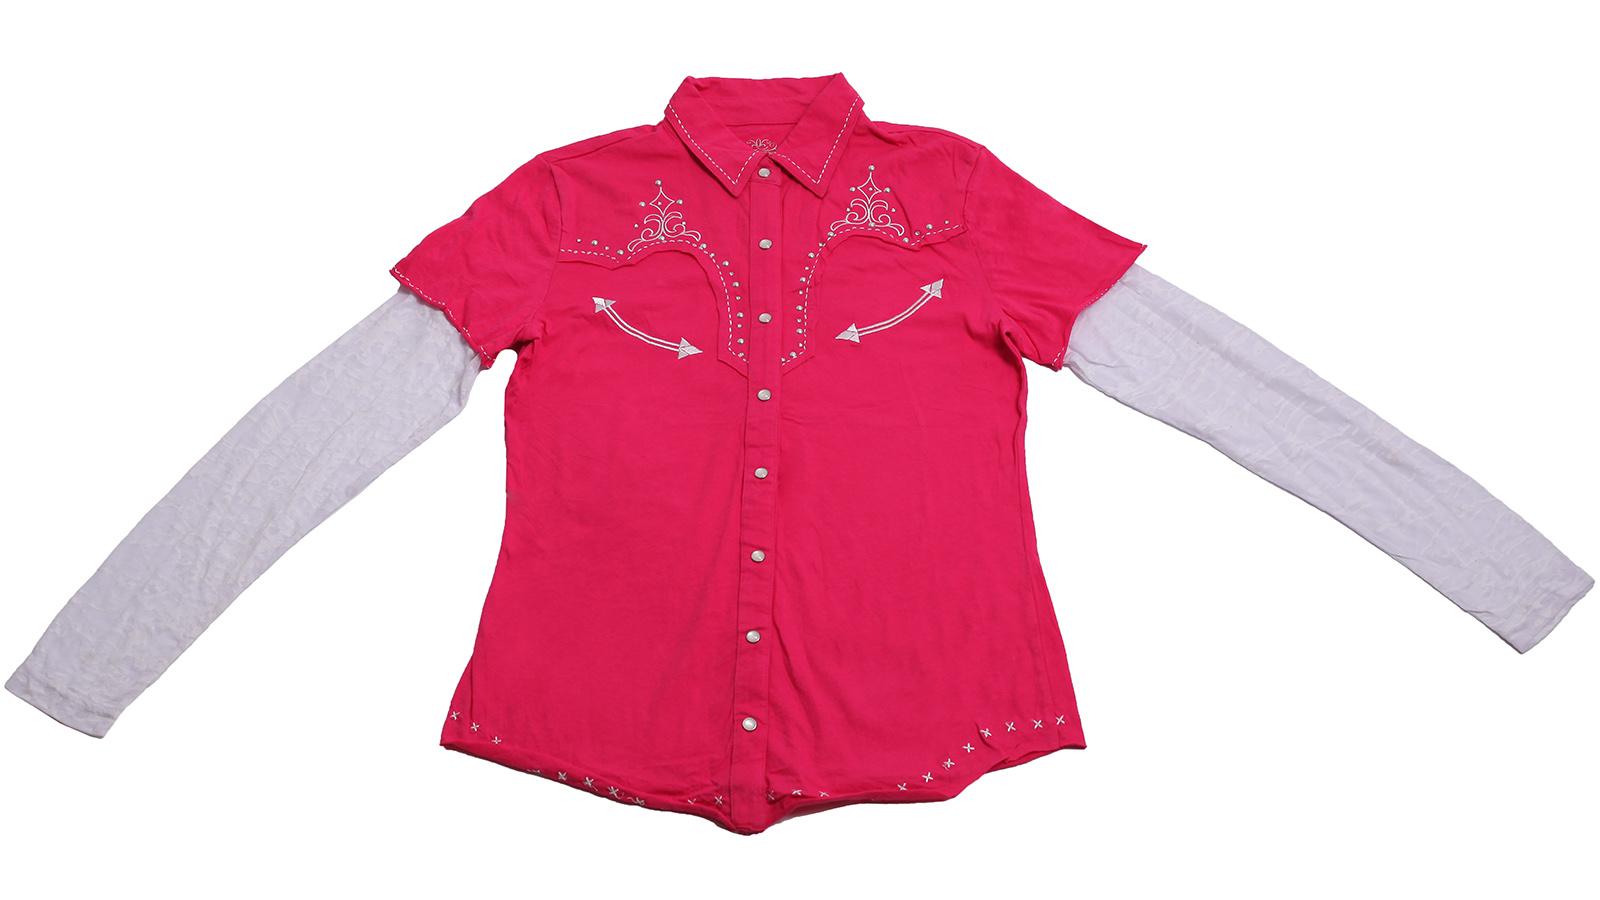 Очаровательная рубашка Panhandle Slim - дизайнерская модель, 100% хлопок